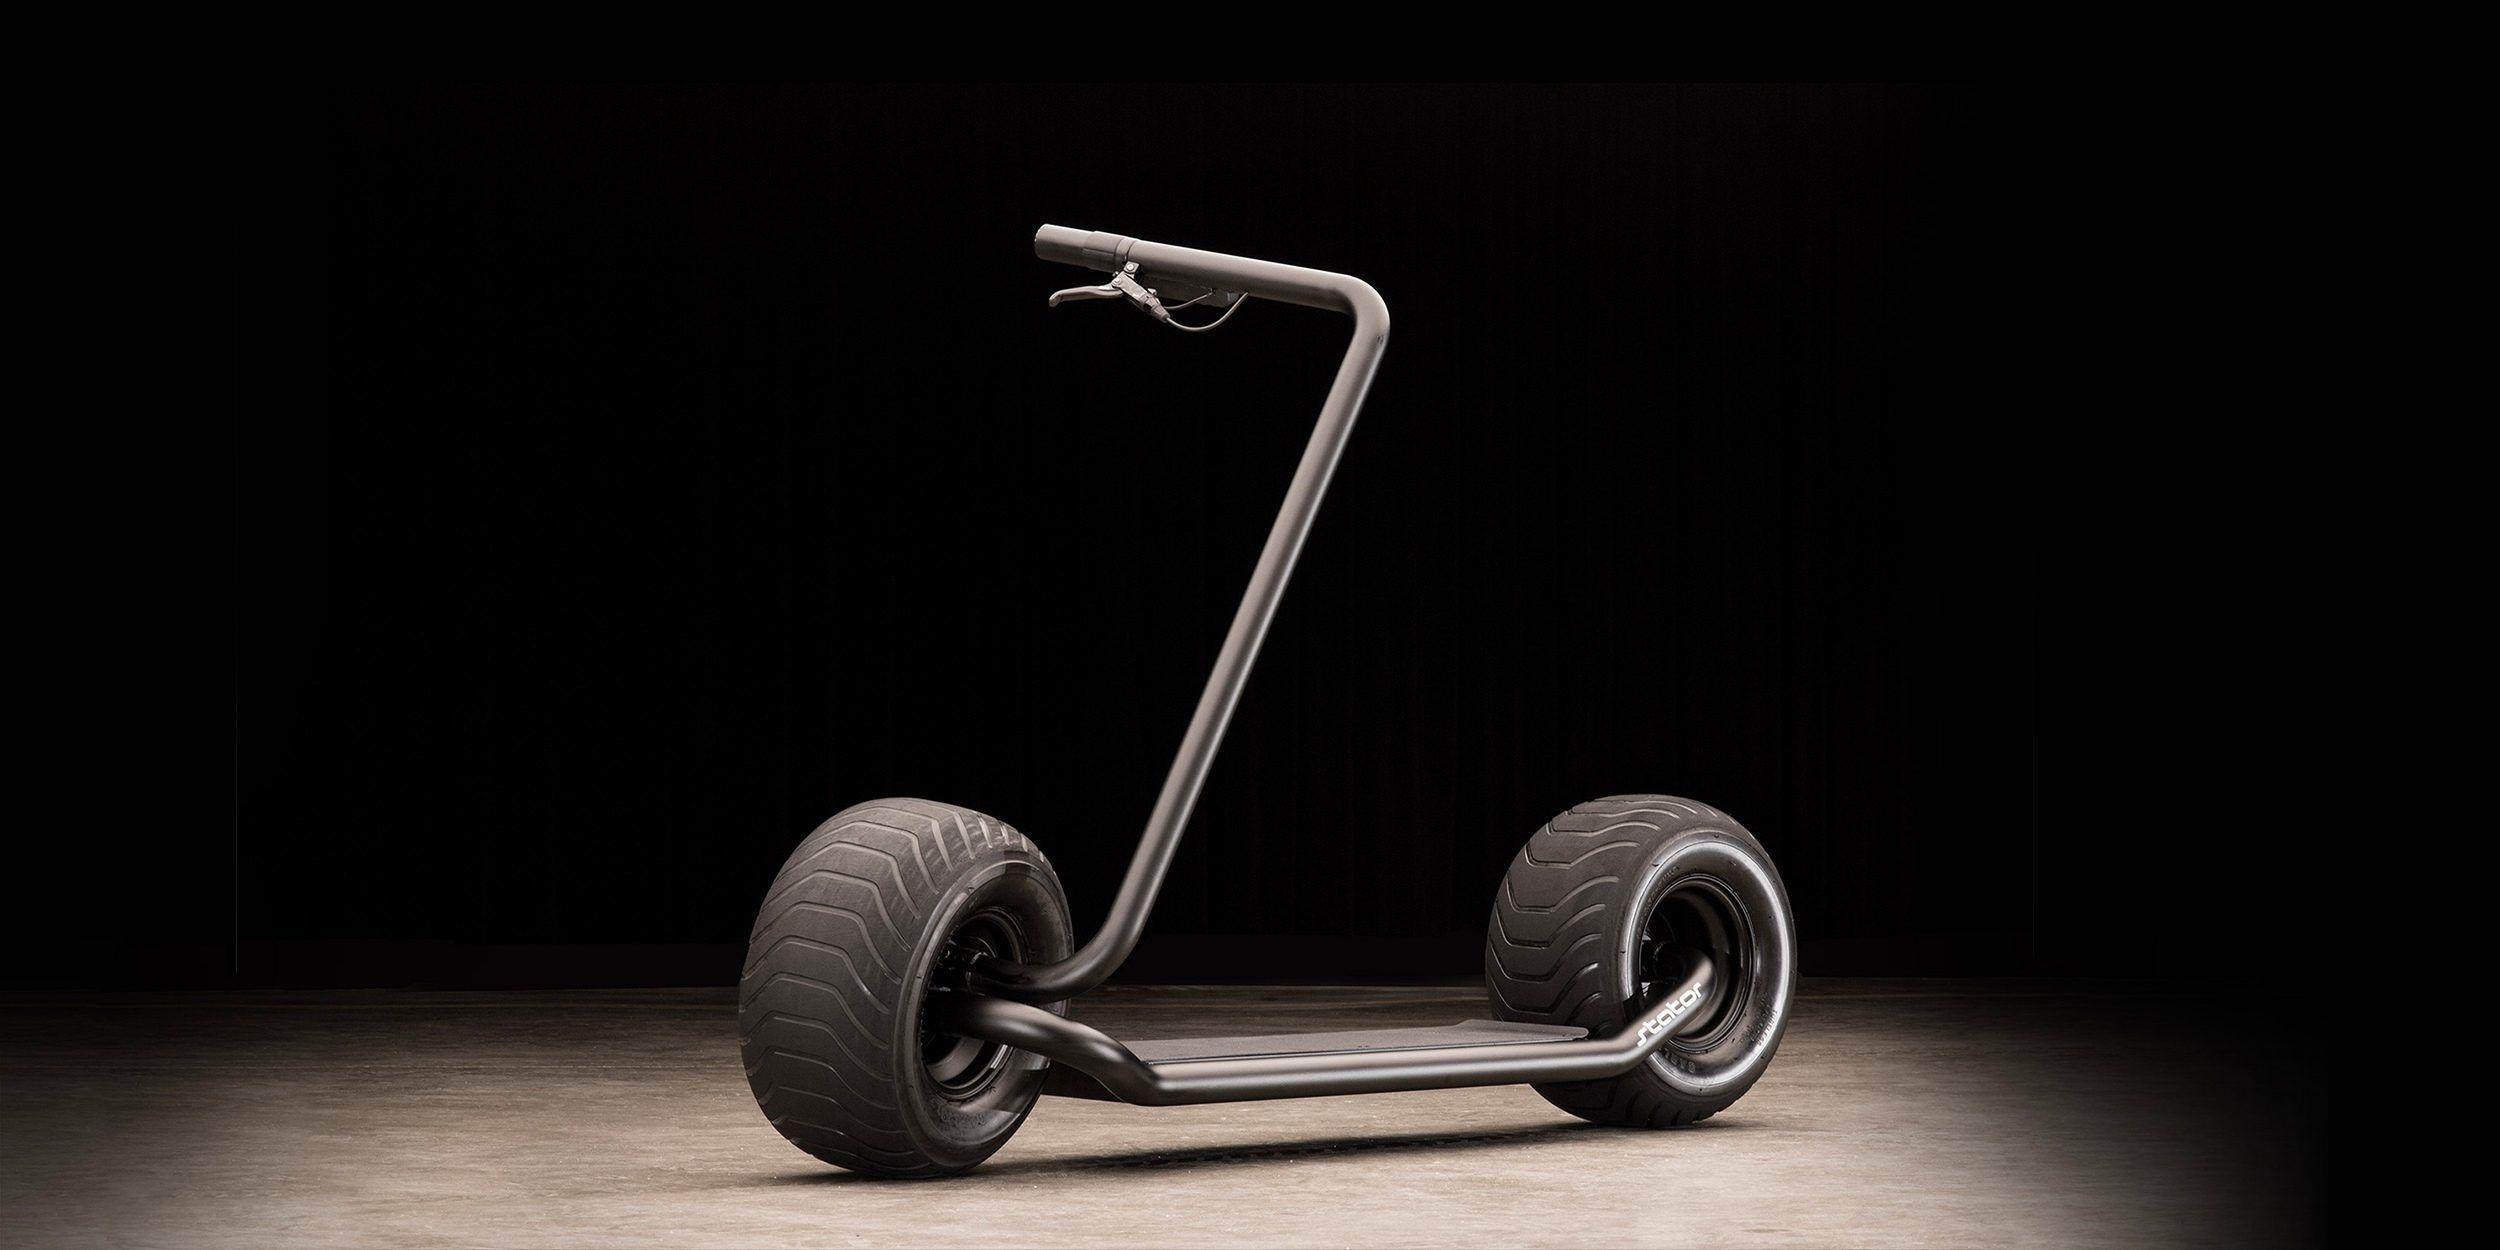 stator scooter price ile ilgili görsel sonucu